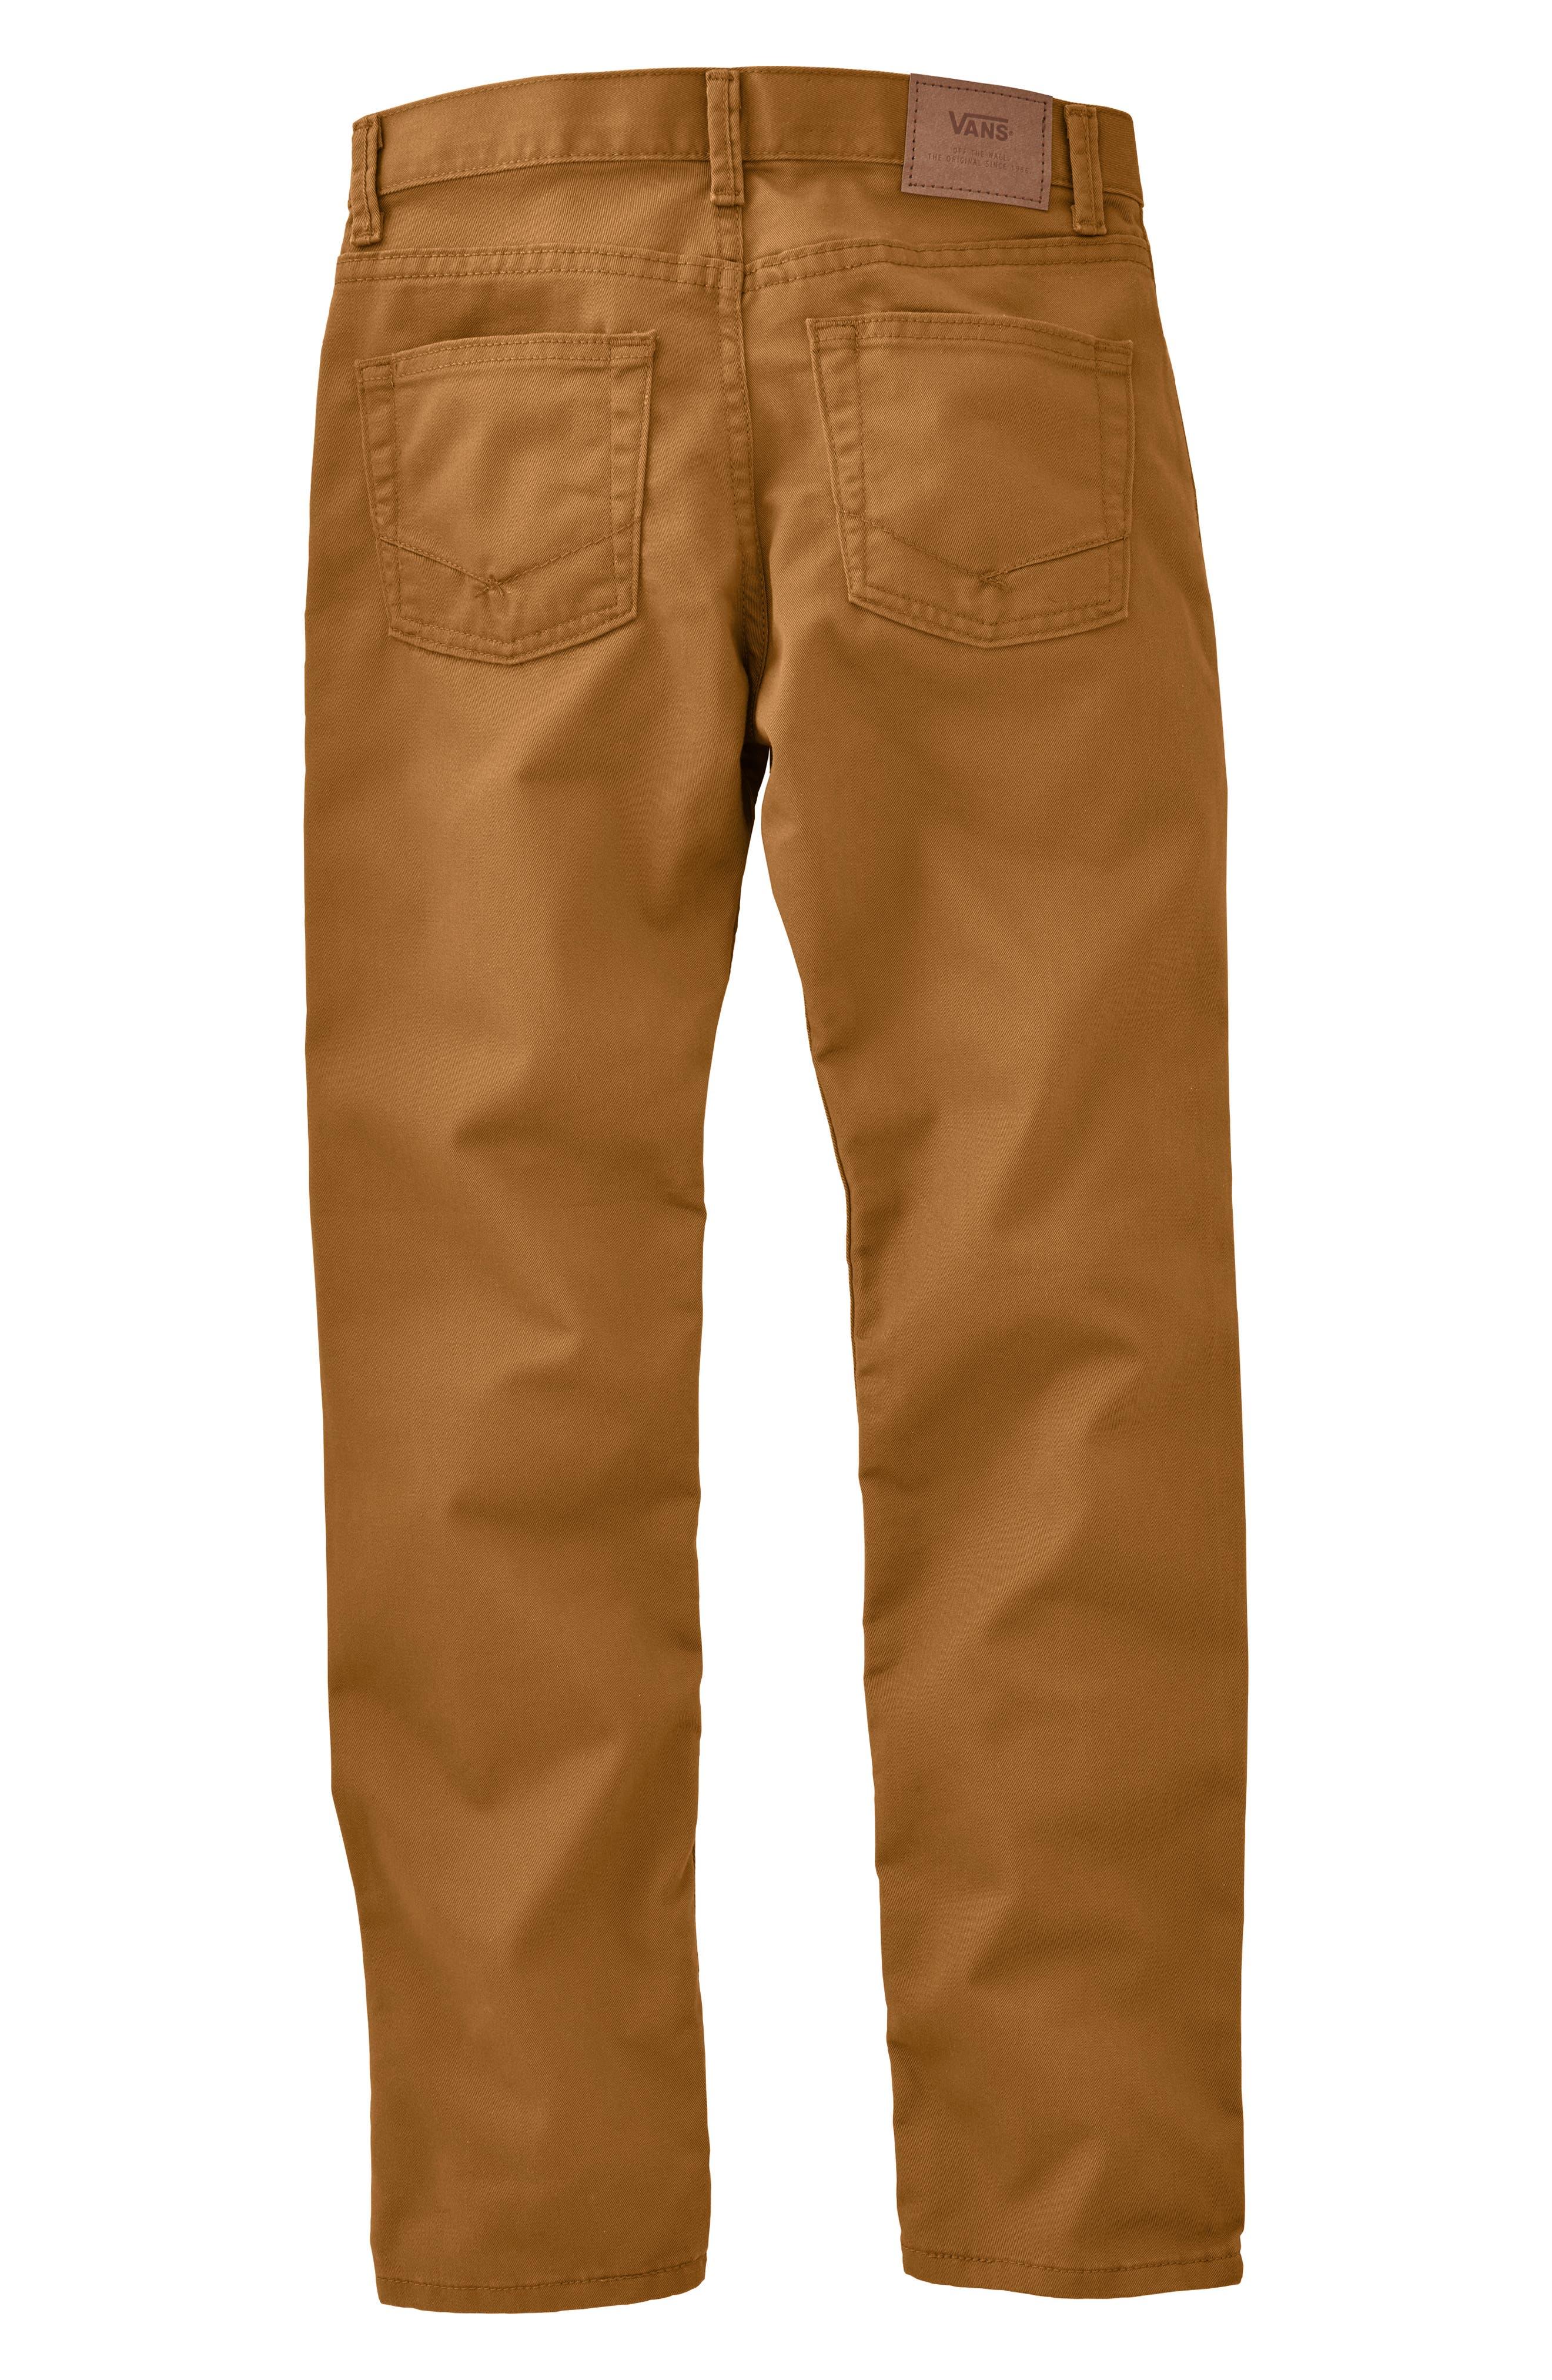 V56 Standard AV Covina II Pants,                             Alternate thumbnail 2, color,                             RUBBER